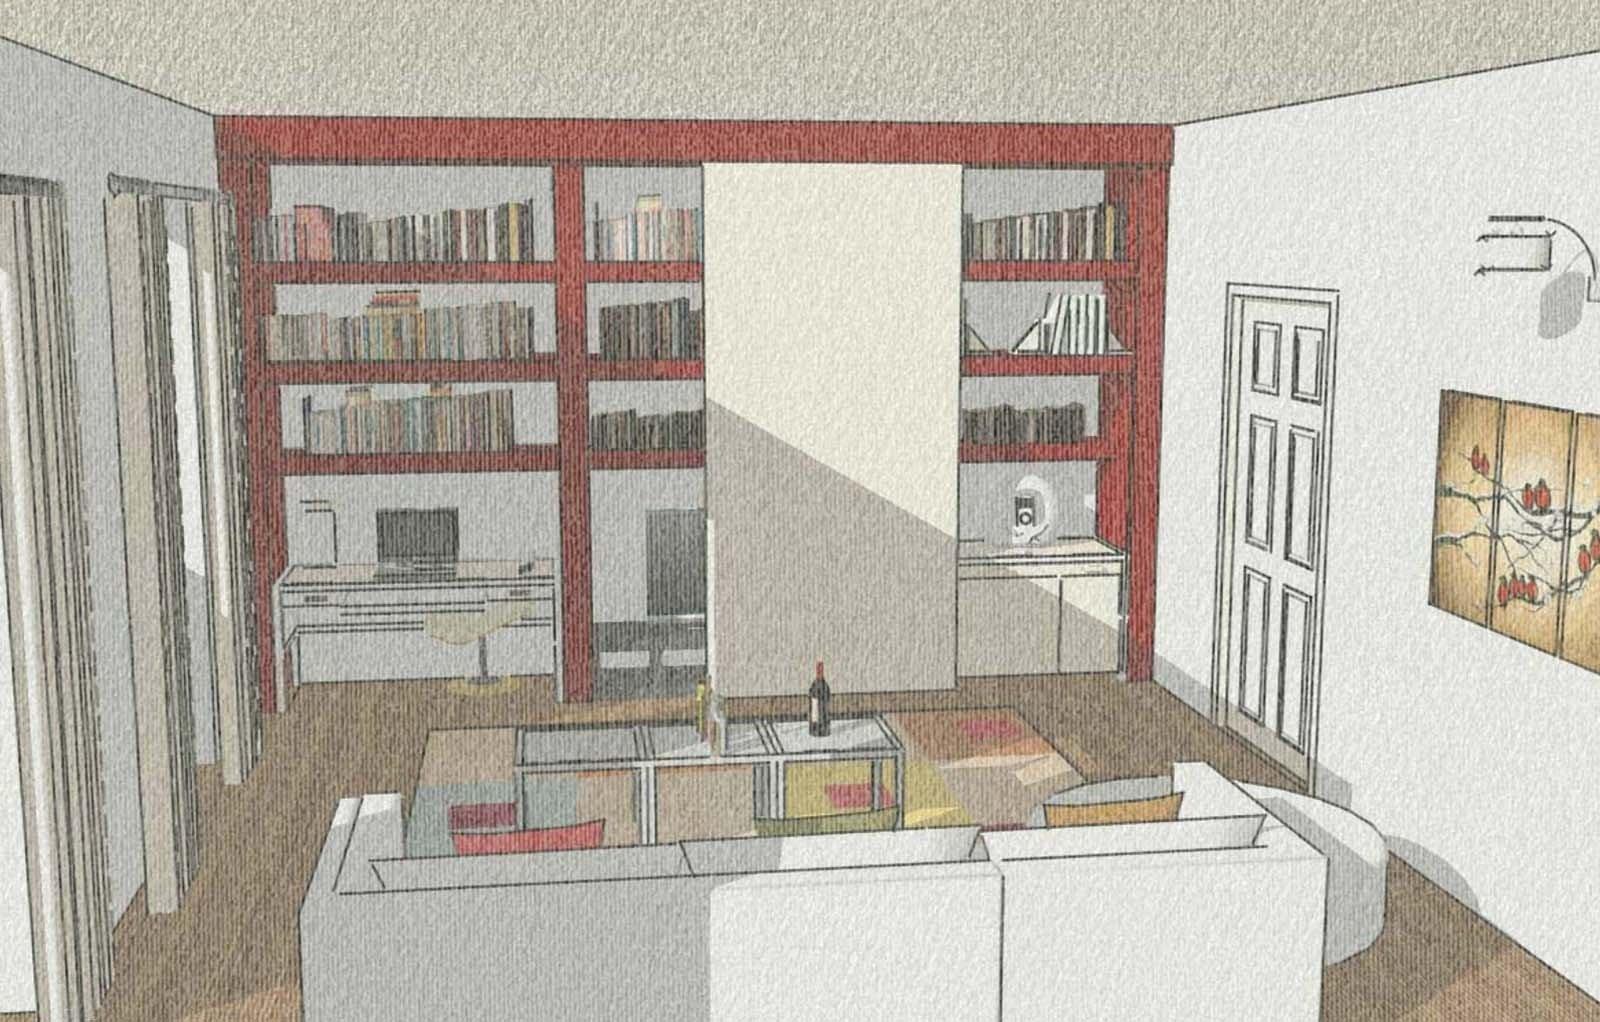 Lo studio nascosto all 39 interno del mobile cose di casa for Soggiorno studio malta